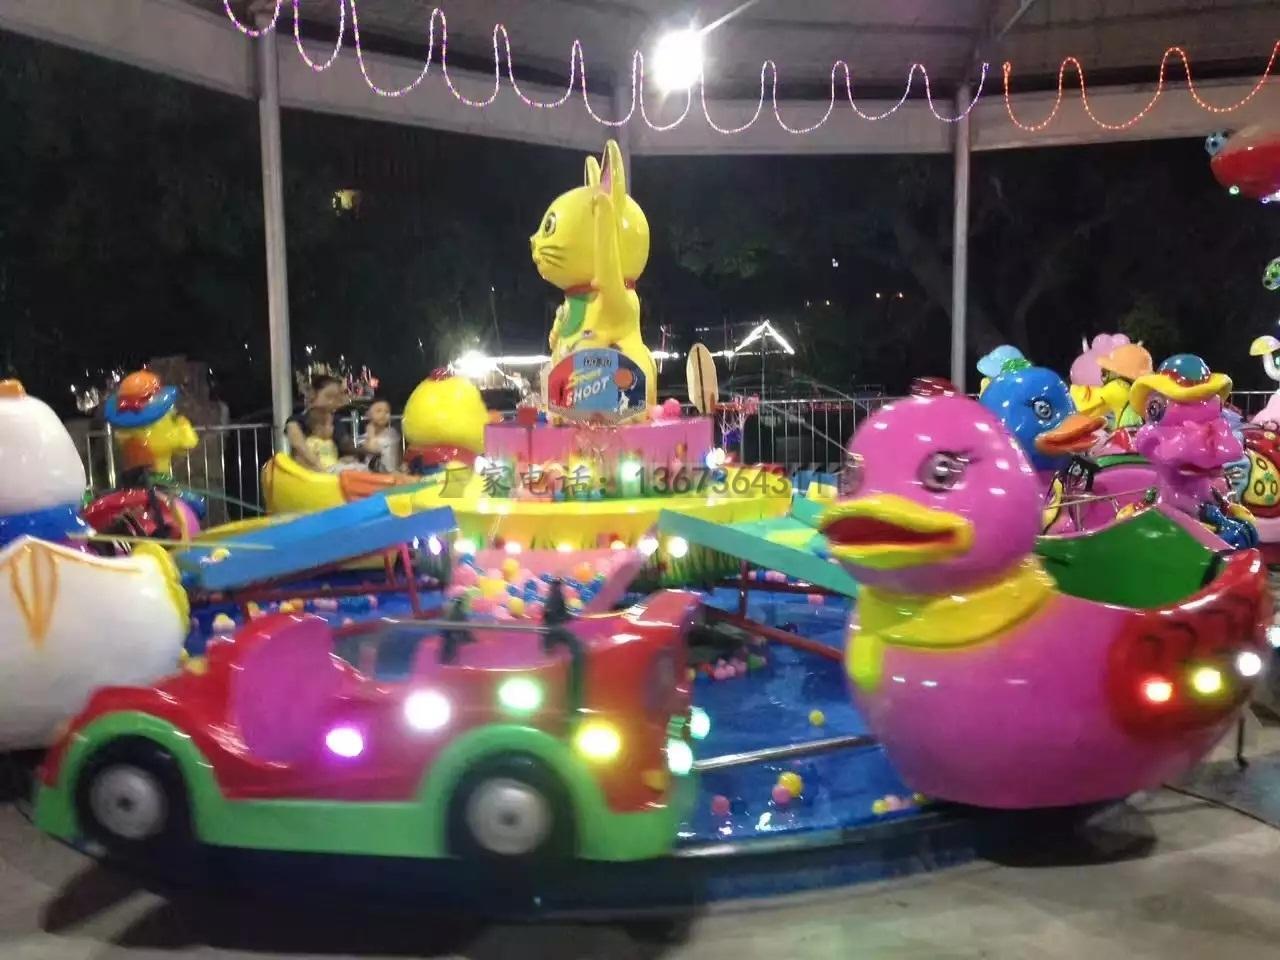 儿童12座迷你飞椅游乐设备 旋转飞椅大洋游乐厂家专业定制生产示例图50